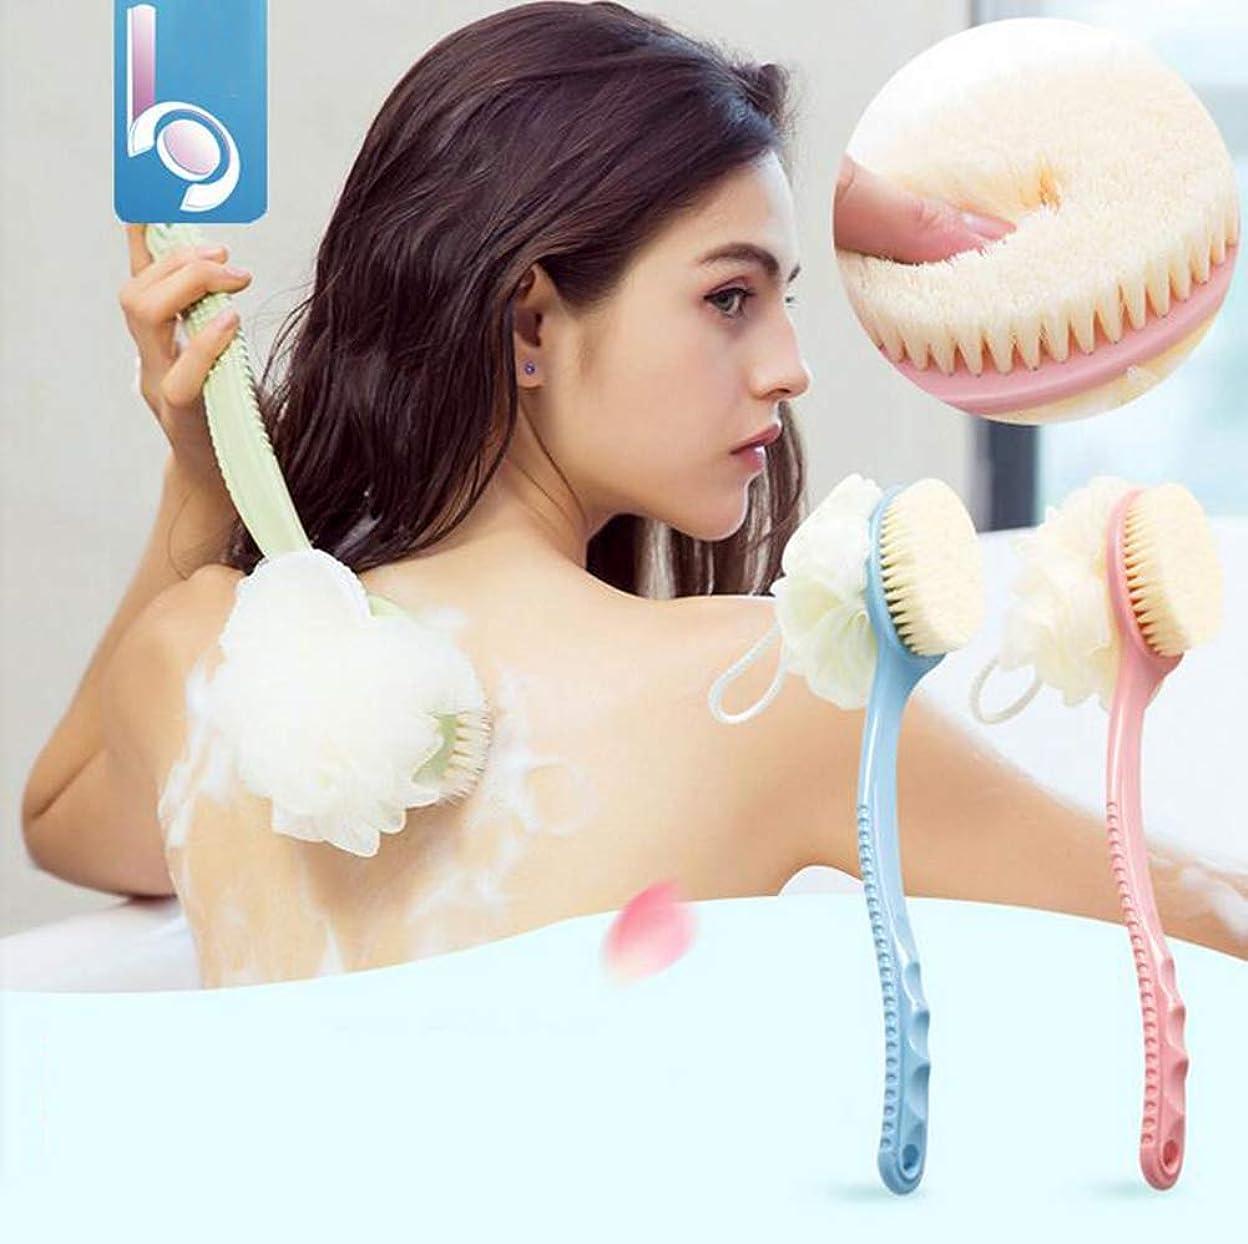 先例に頼る遠足ロングハンドルバスブラシ、ソフトファーバスタオル入浴バックセルライトスクラブのための入浴アーティファクト,Pink